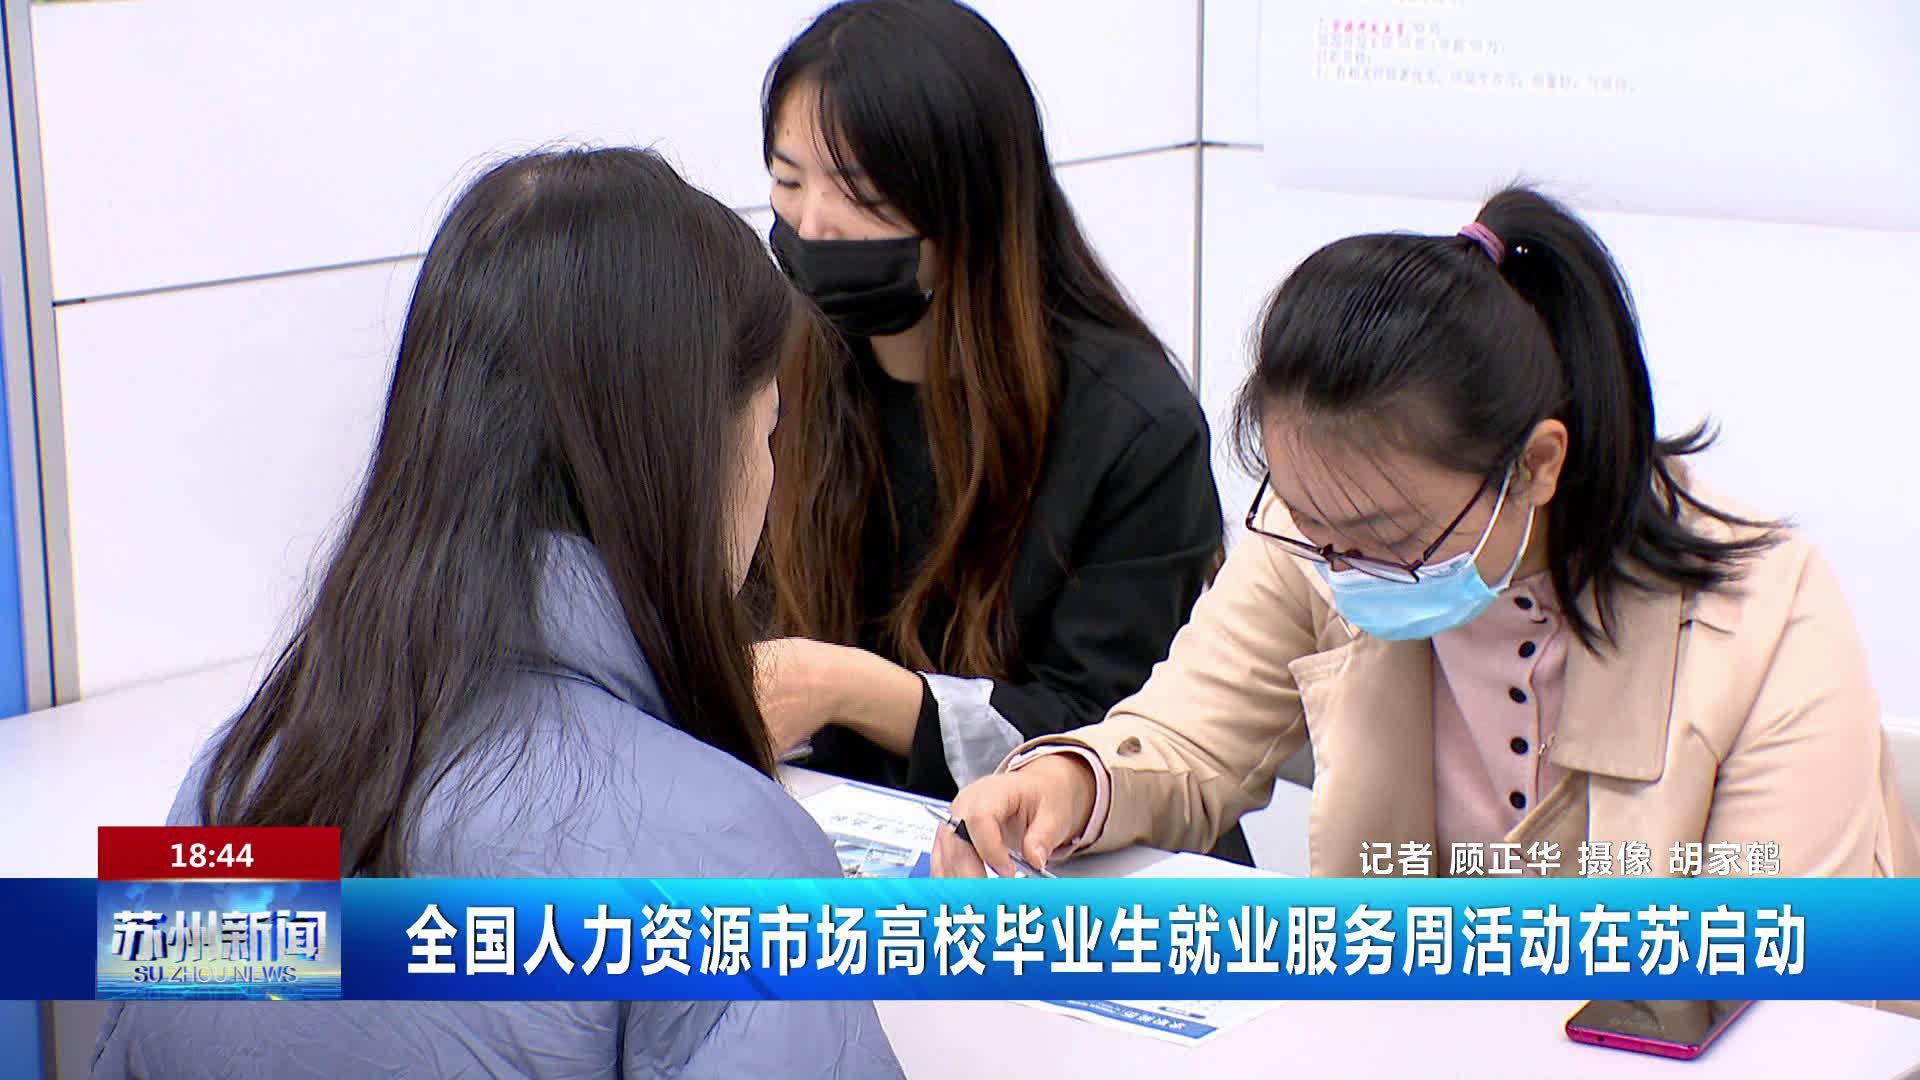 全国人力资源市场高校毕业生就业服务周活动在苏启动